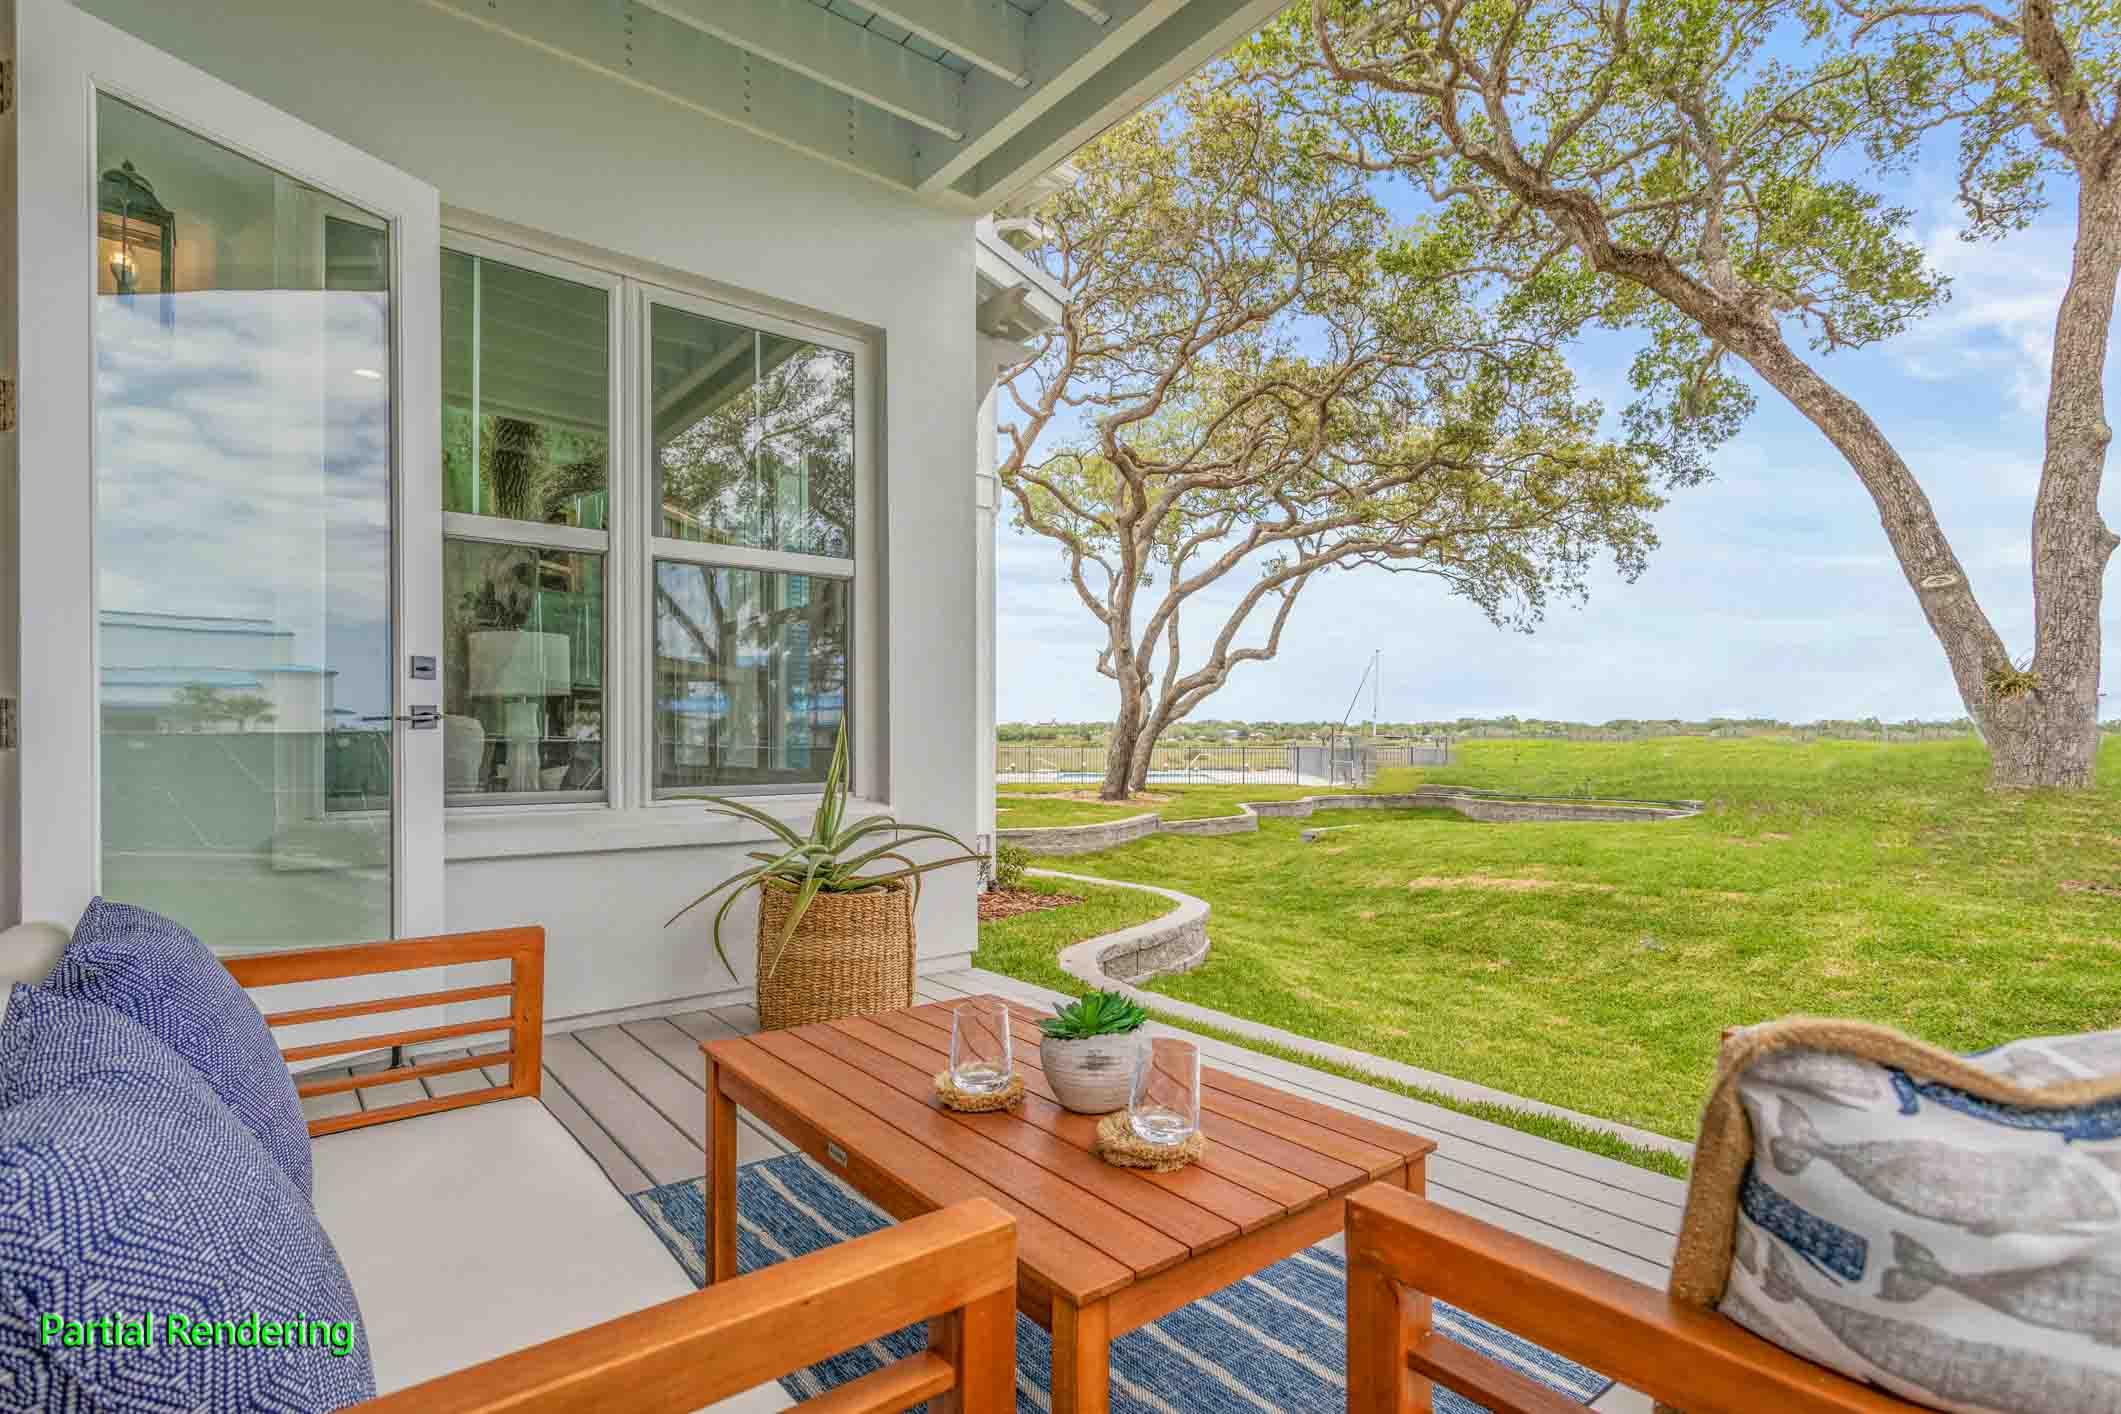 Villa Calissa Property Photos (26 of 32)